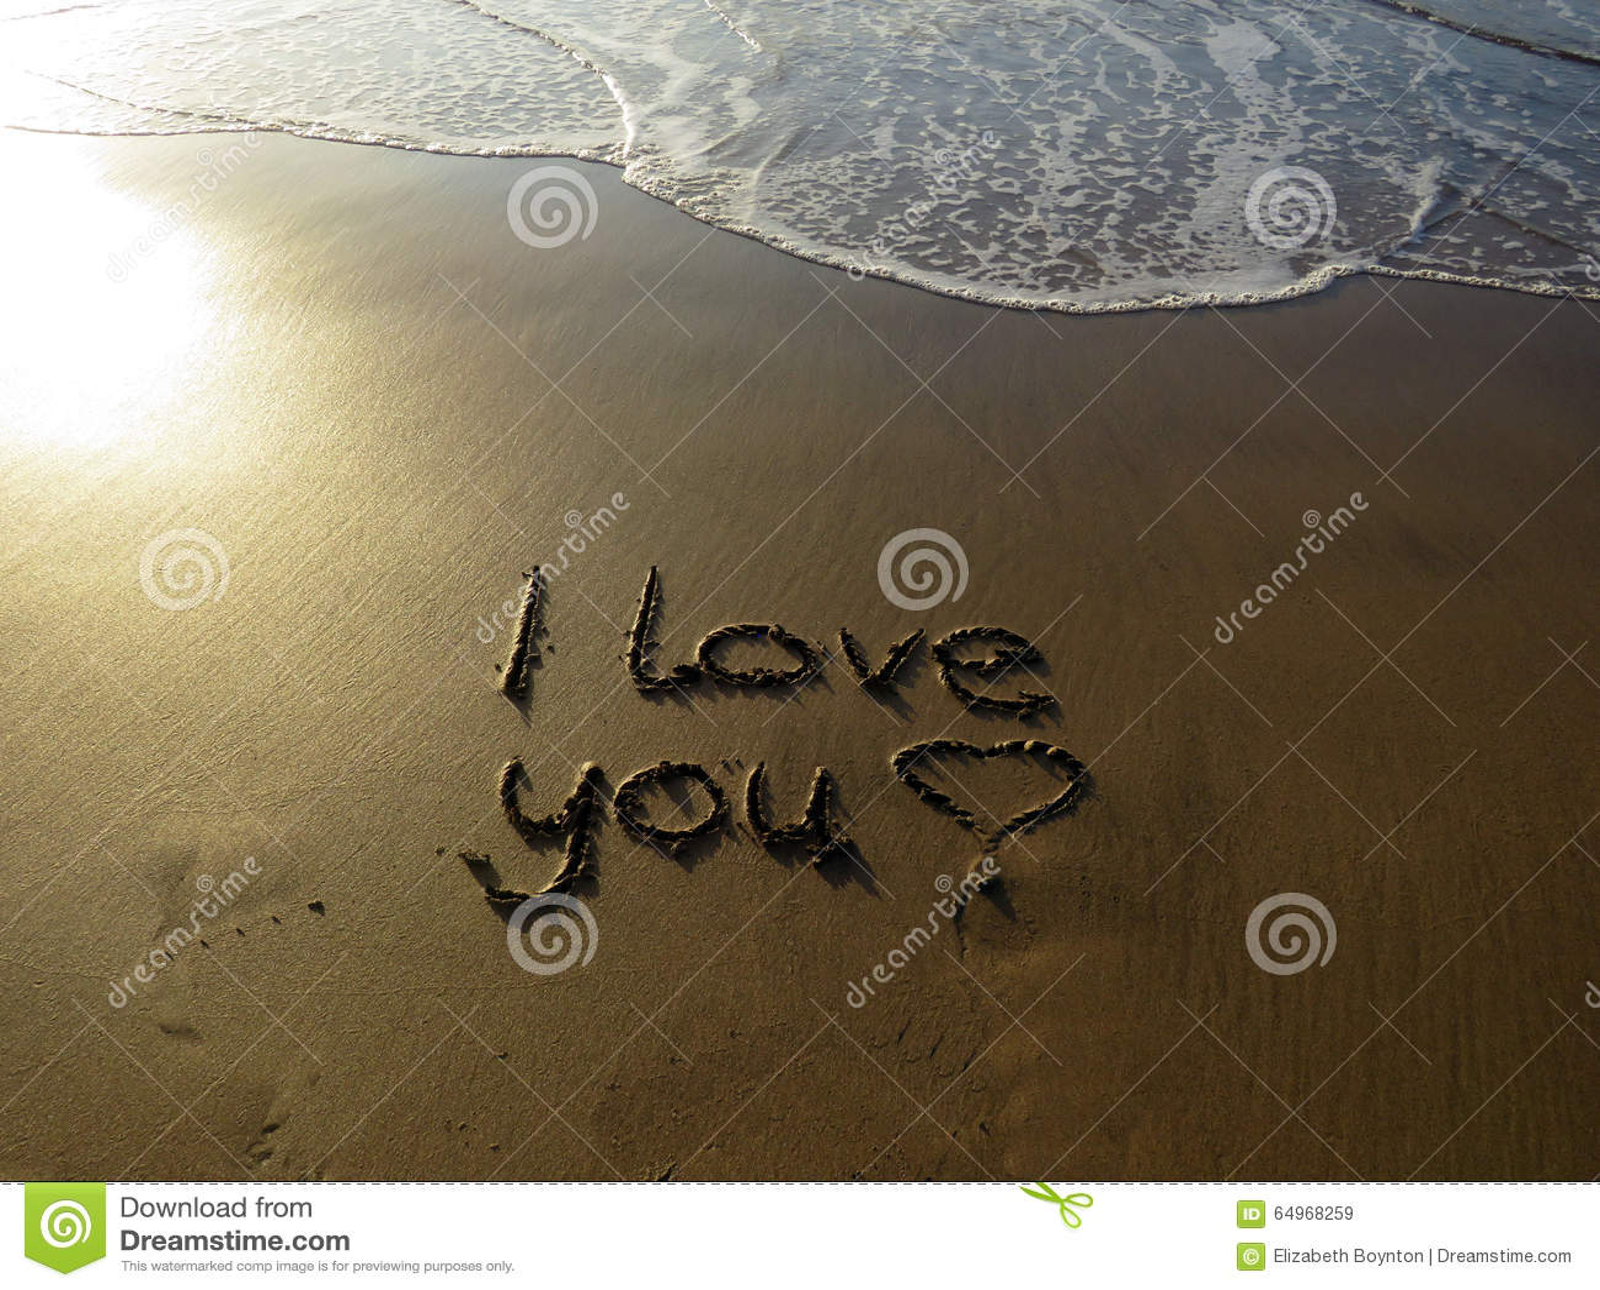 Eu Te Amo Escrito Na Areia Imagem De Stock. Imagem De